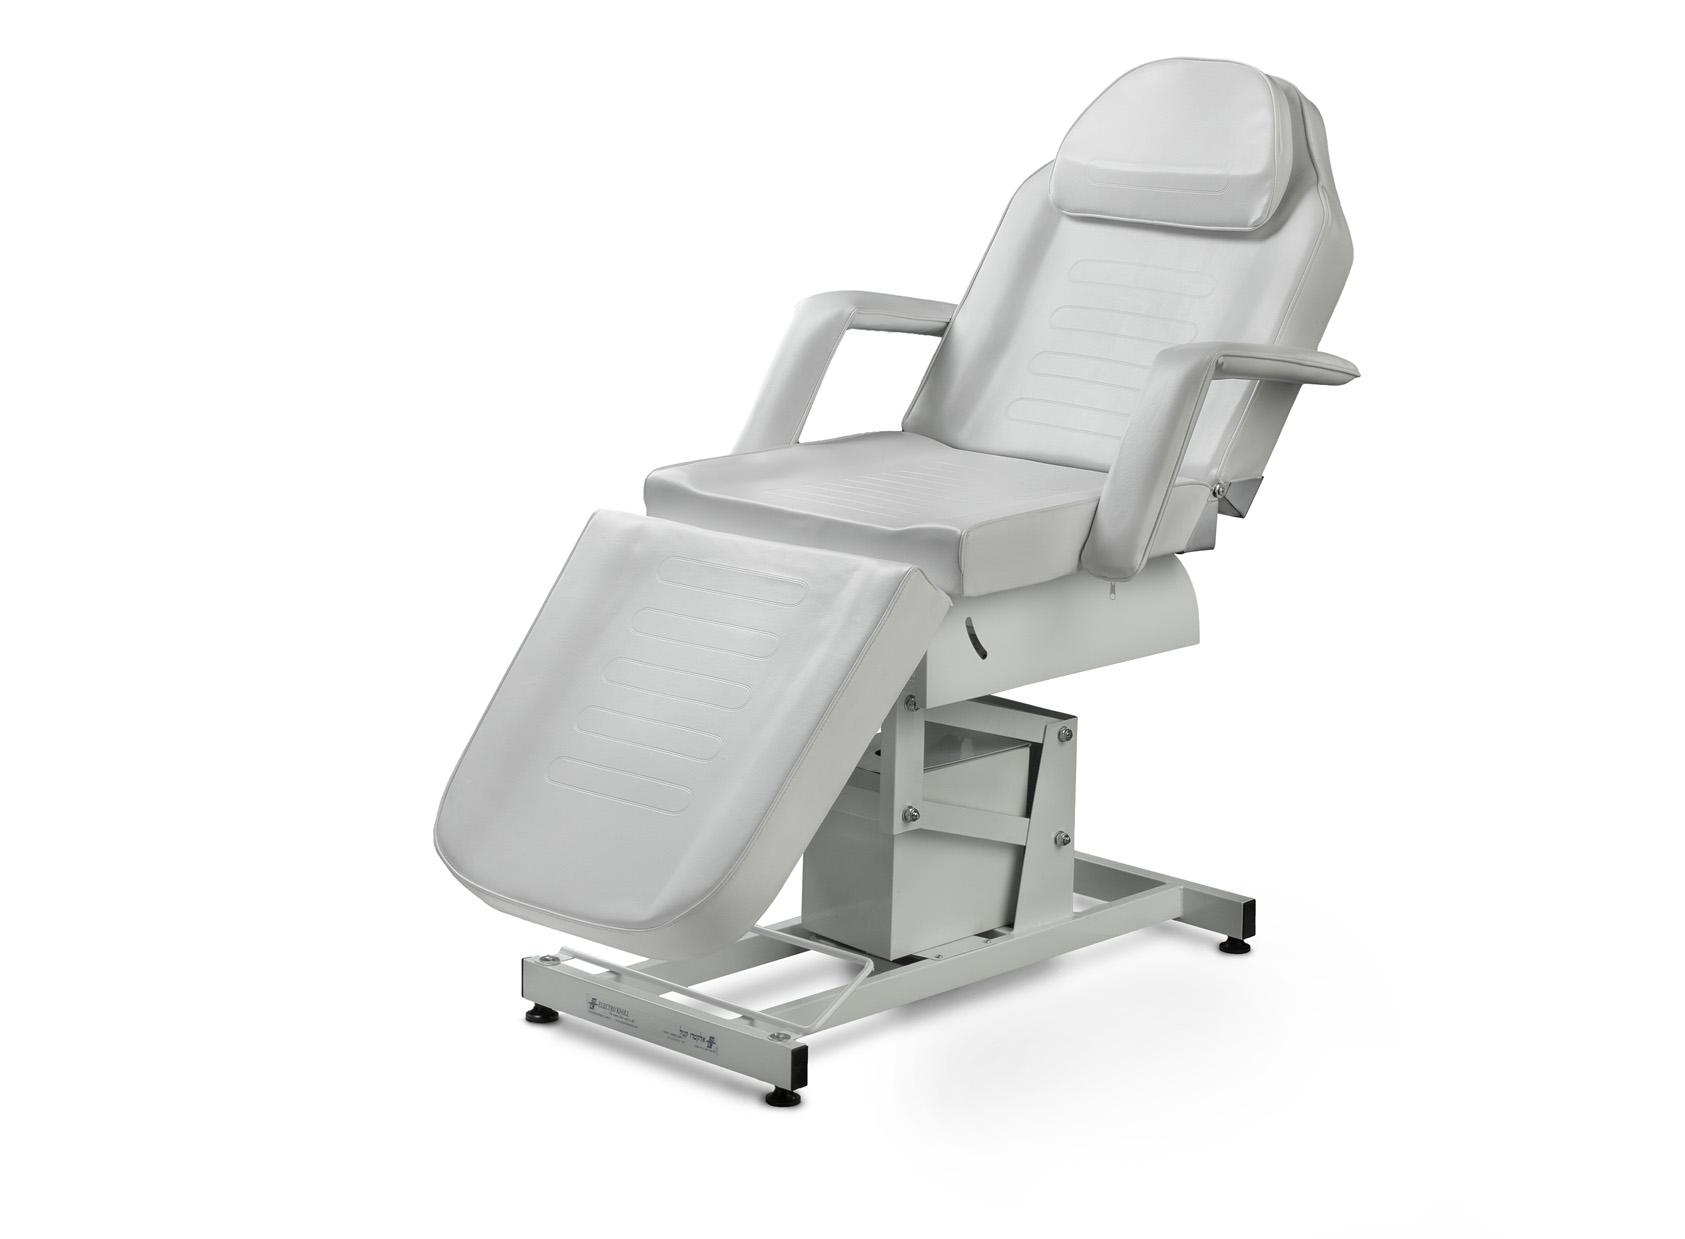 ניס מיטות טיפולים למכוני יופי וקוסמטיקה | מיטת טיפולים | מיטות עיסוי VK-82